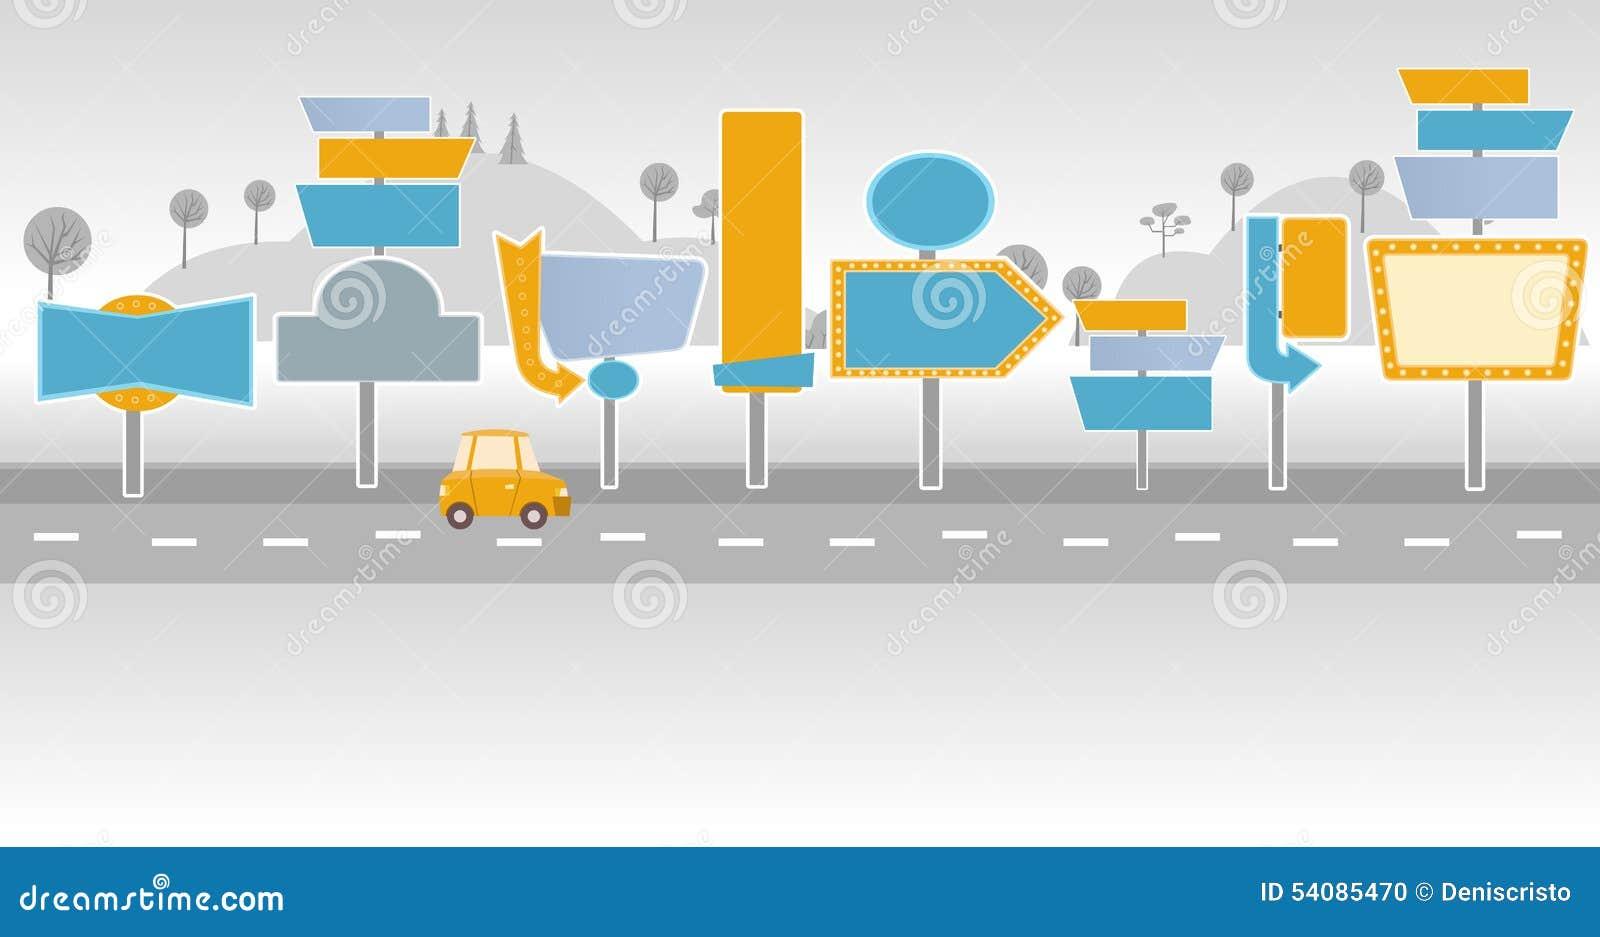 Auto op een weg met aanplakborden